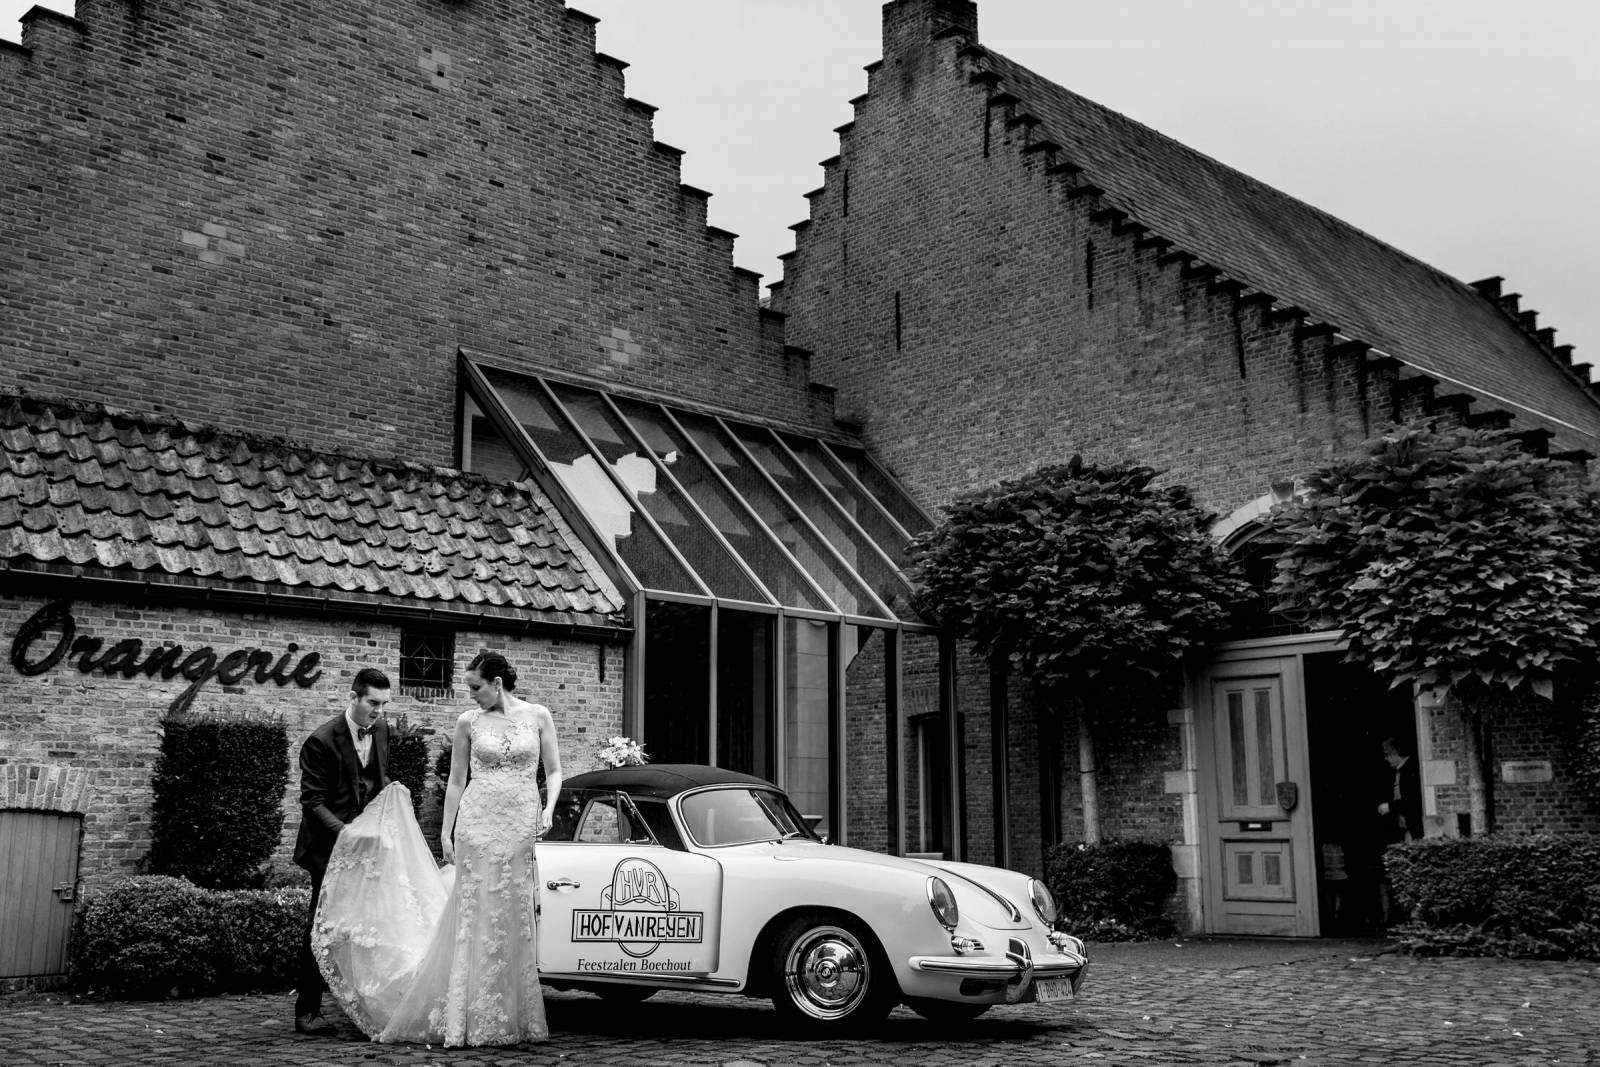 Gratis oltimer hof Van Reyen huwelijk Boechout 13 ND Photography - House of Weddings